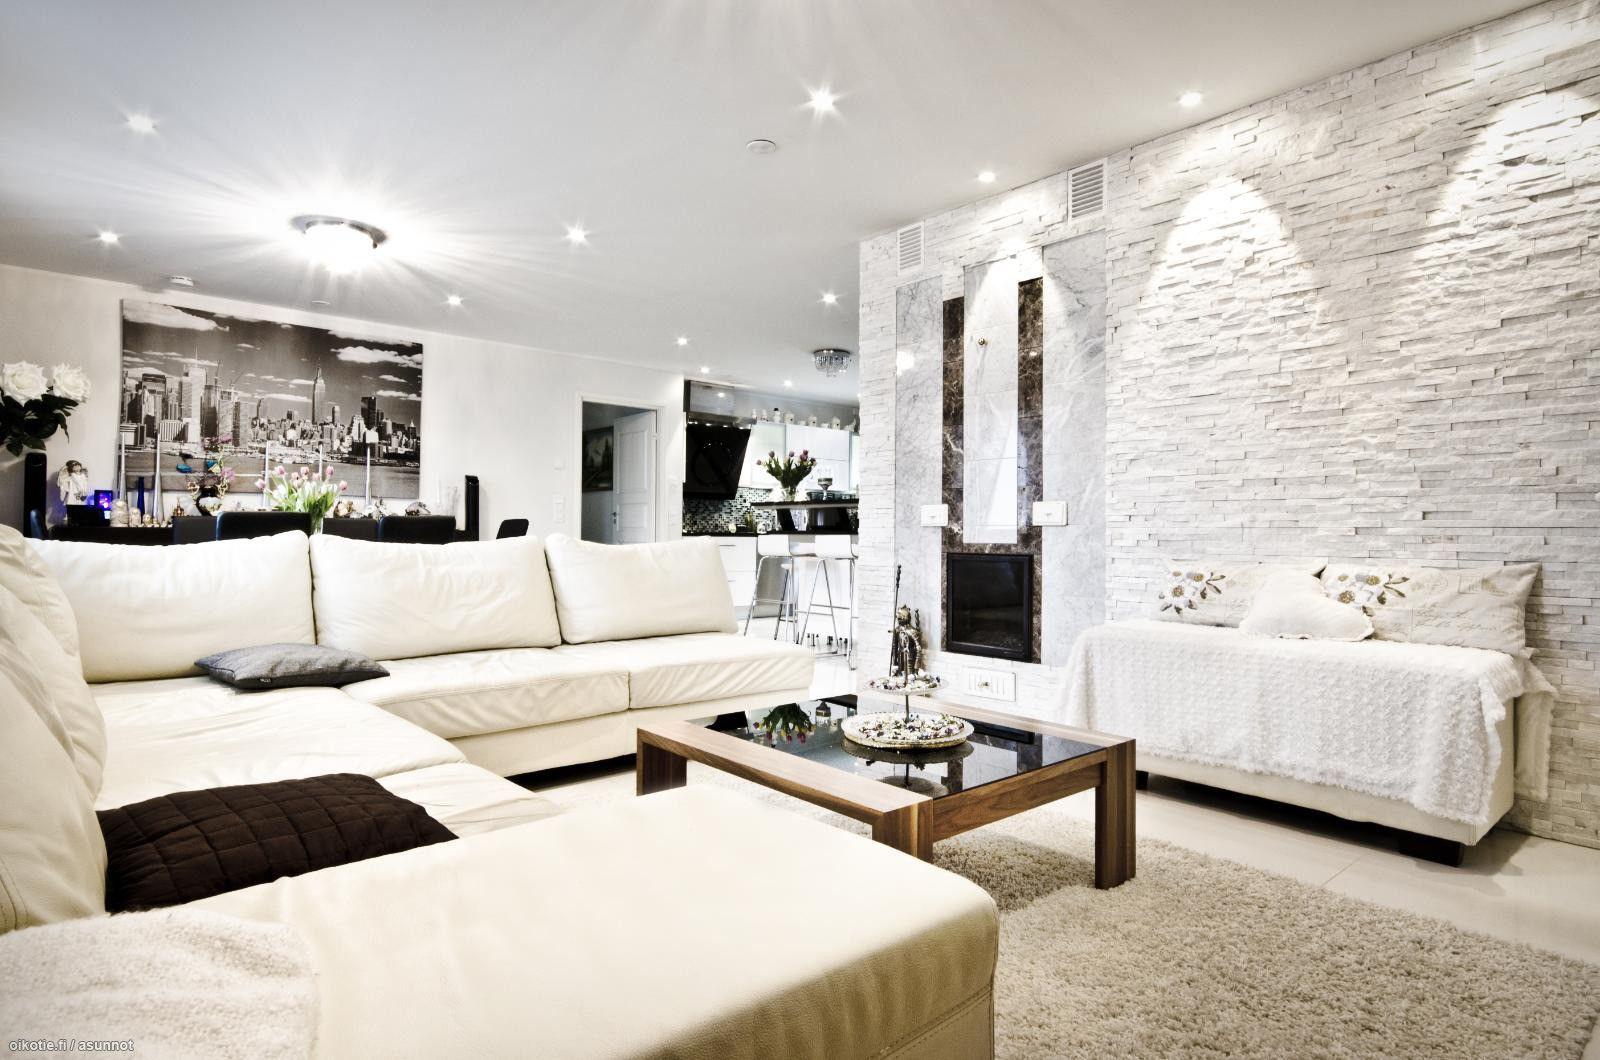 Myytävät asunnot, Kärppätie 21B, Vantaa #oikotieasunnot #olohuone | Living rooms / Olohuoneet ...